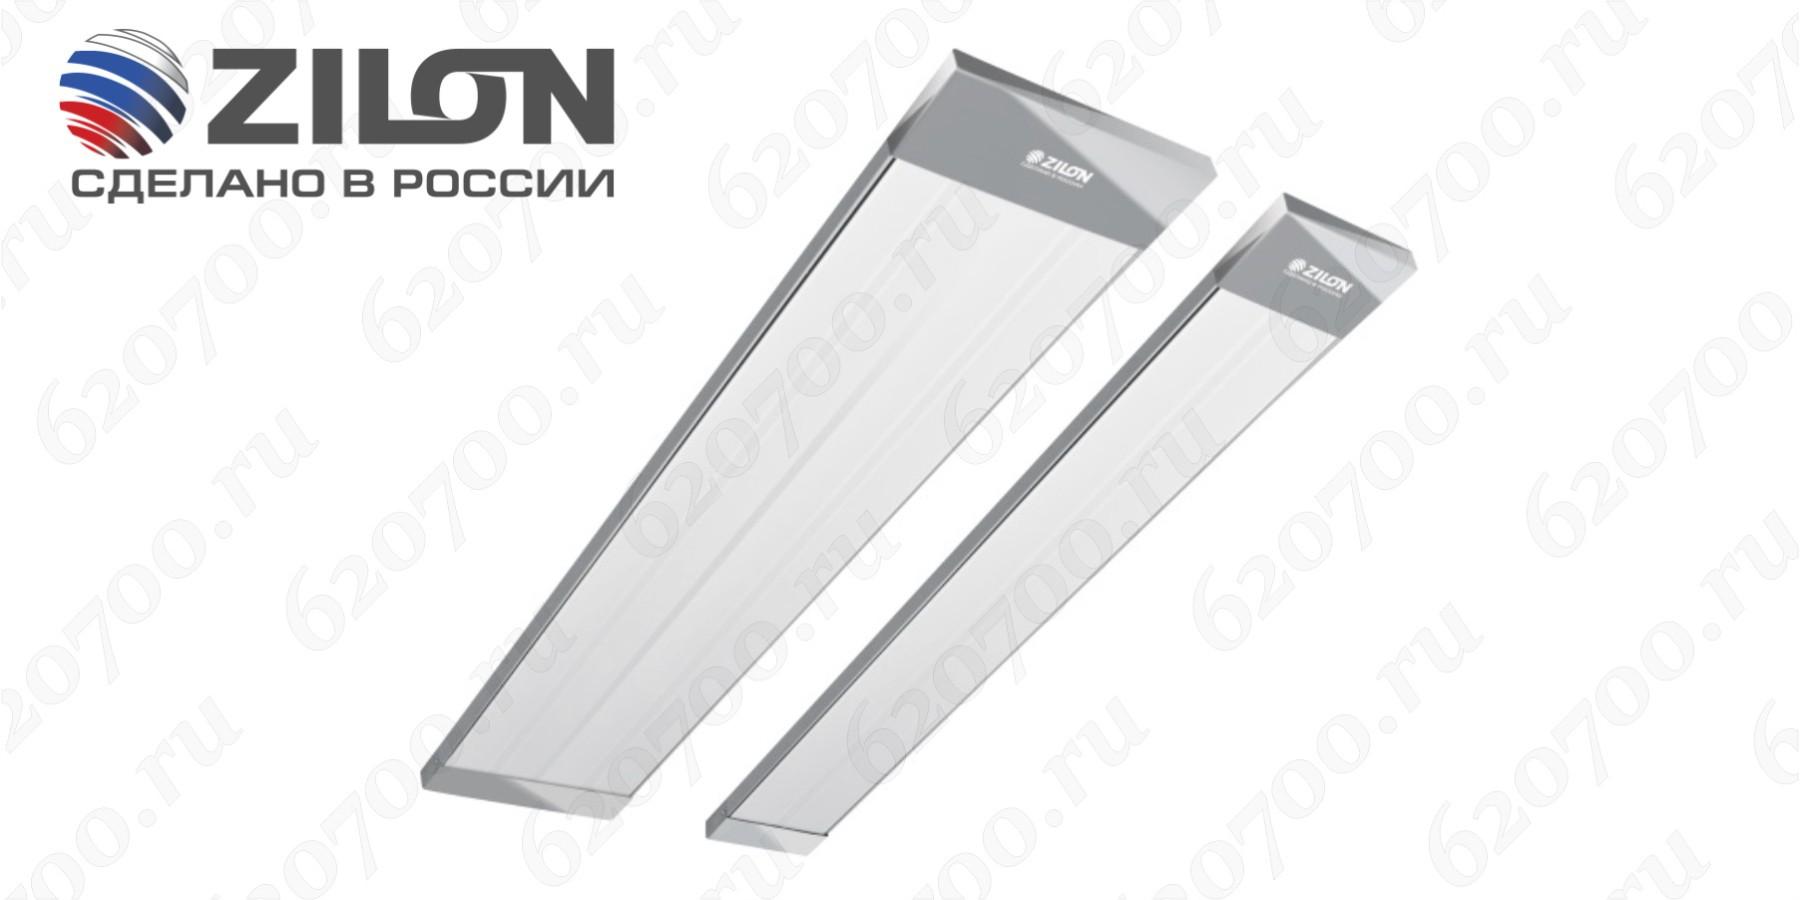 Инфракрасный обогреватель Zilon IR-1.4SN3